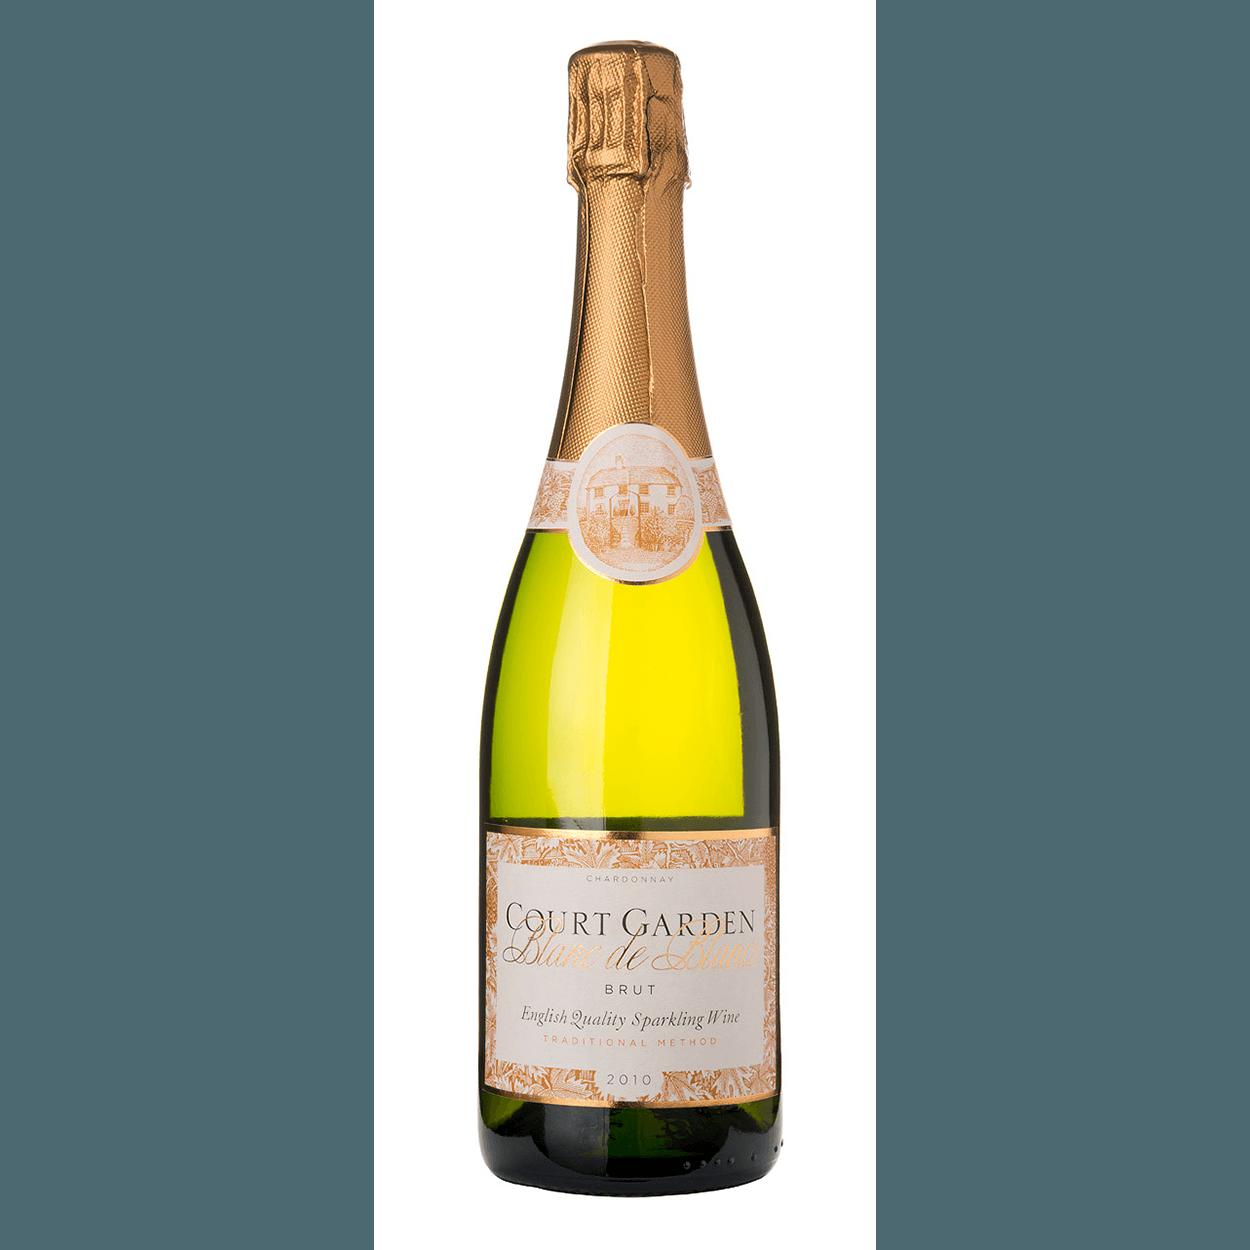 Court Garden Blanc de Blancs 2010 English Sparkling Wine